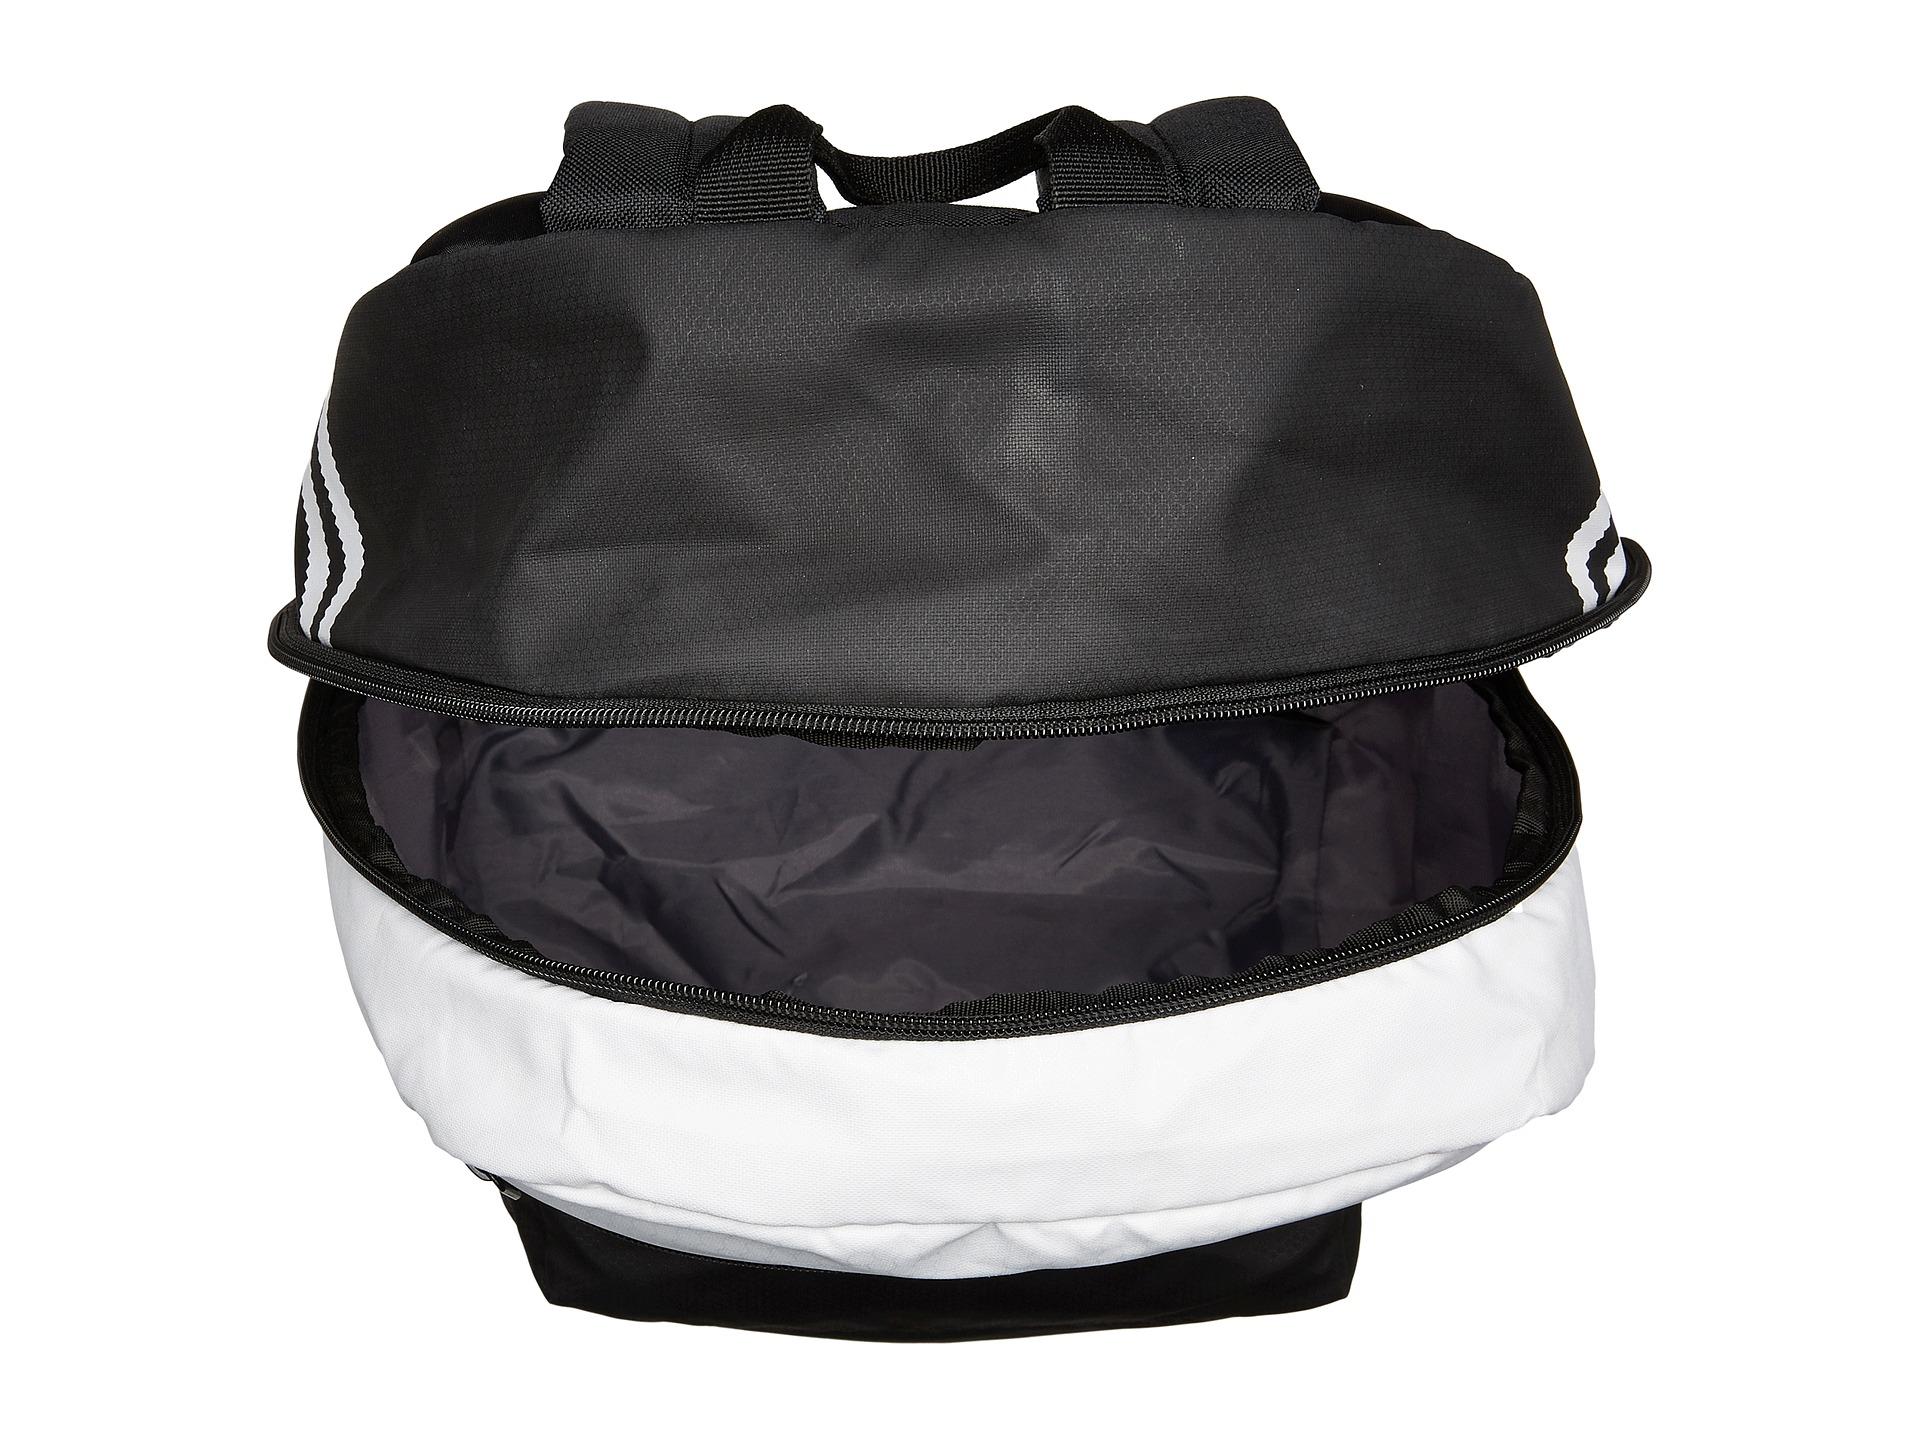 79d18189c904 Lyst - adidas Originals Originals National Plus Backpack in Black ...